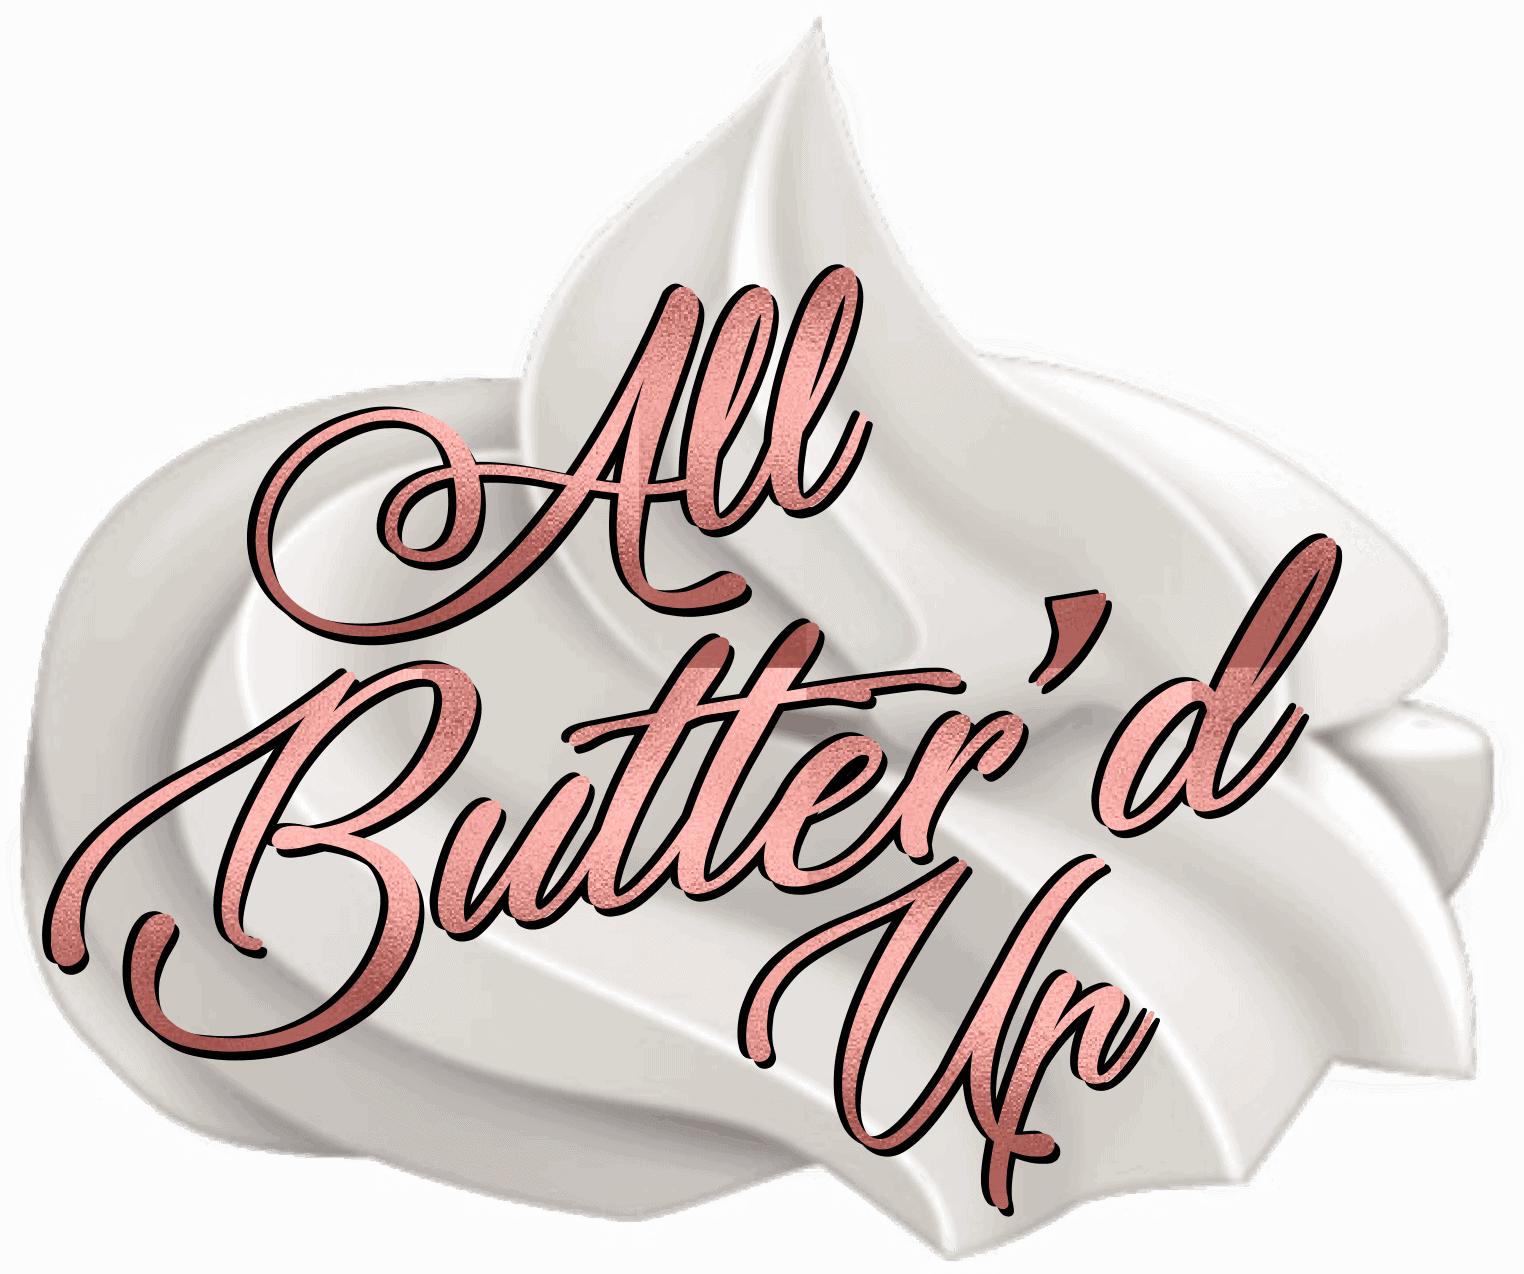 All Butter'd Up